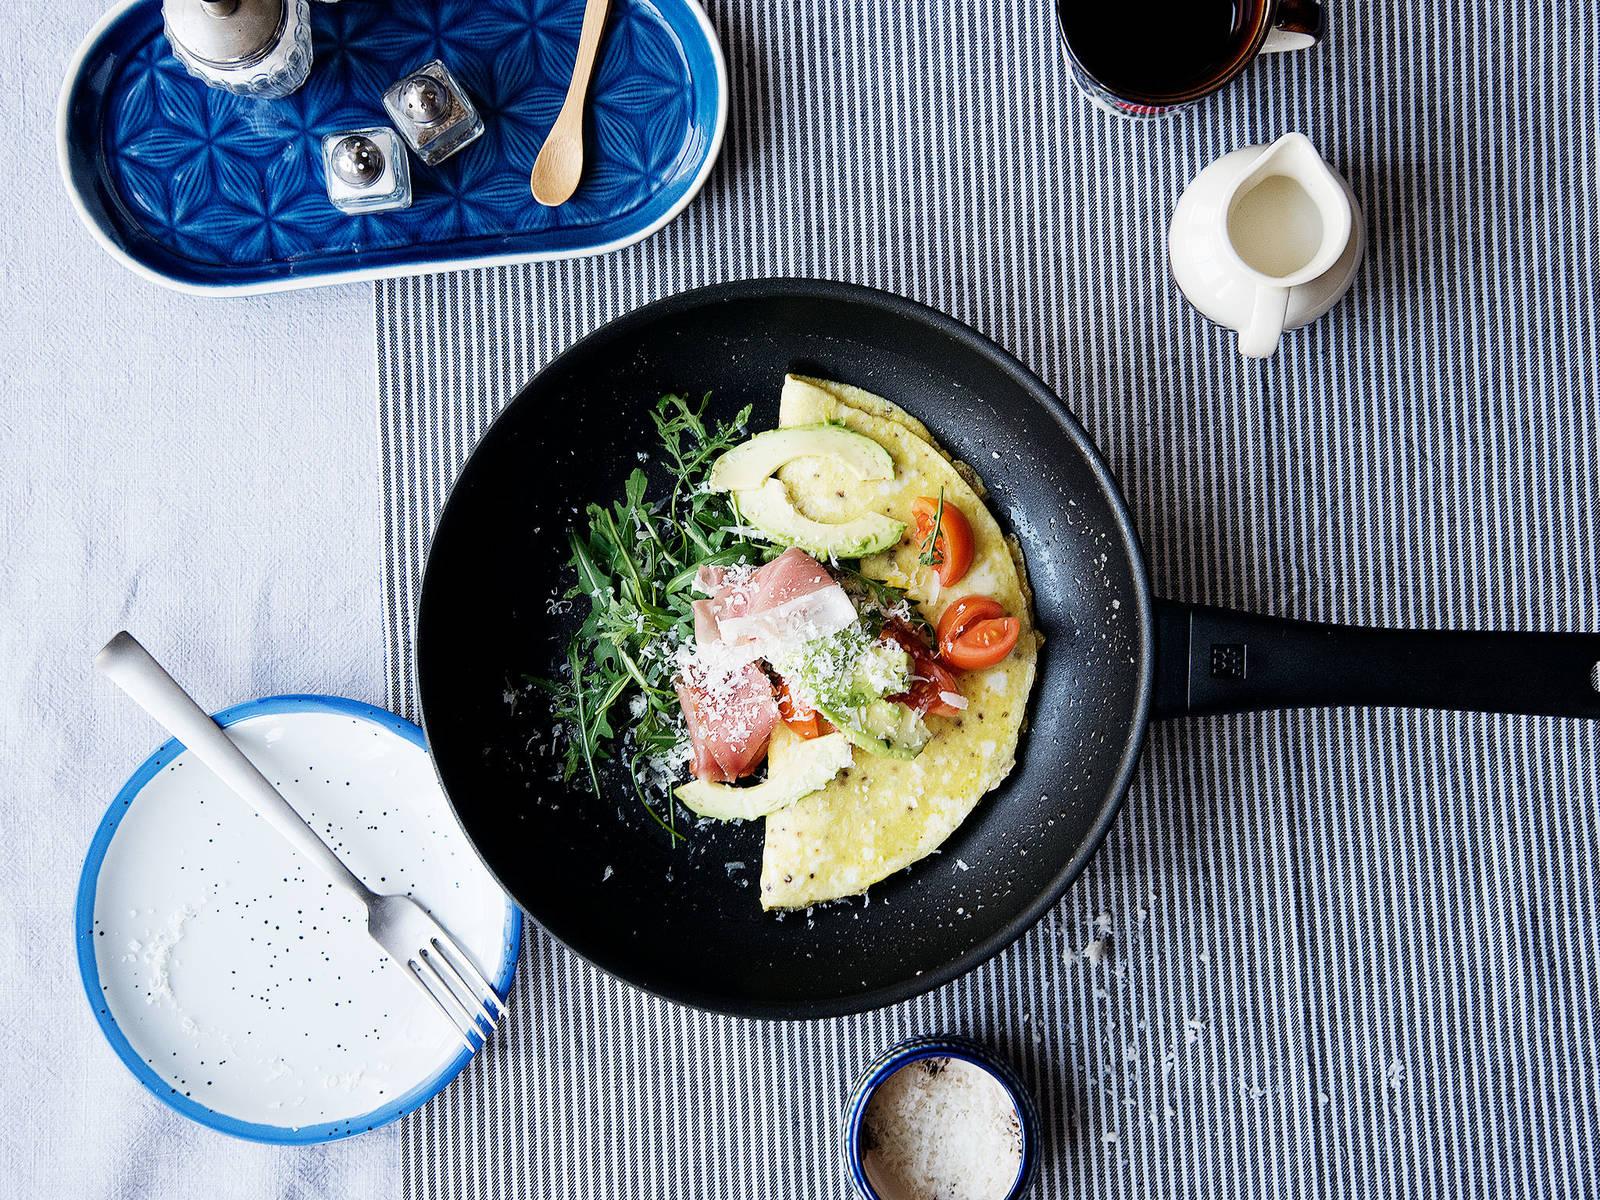 法式牛油果煎蛋卷